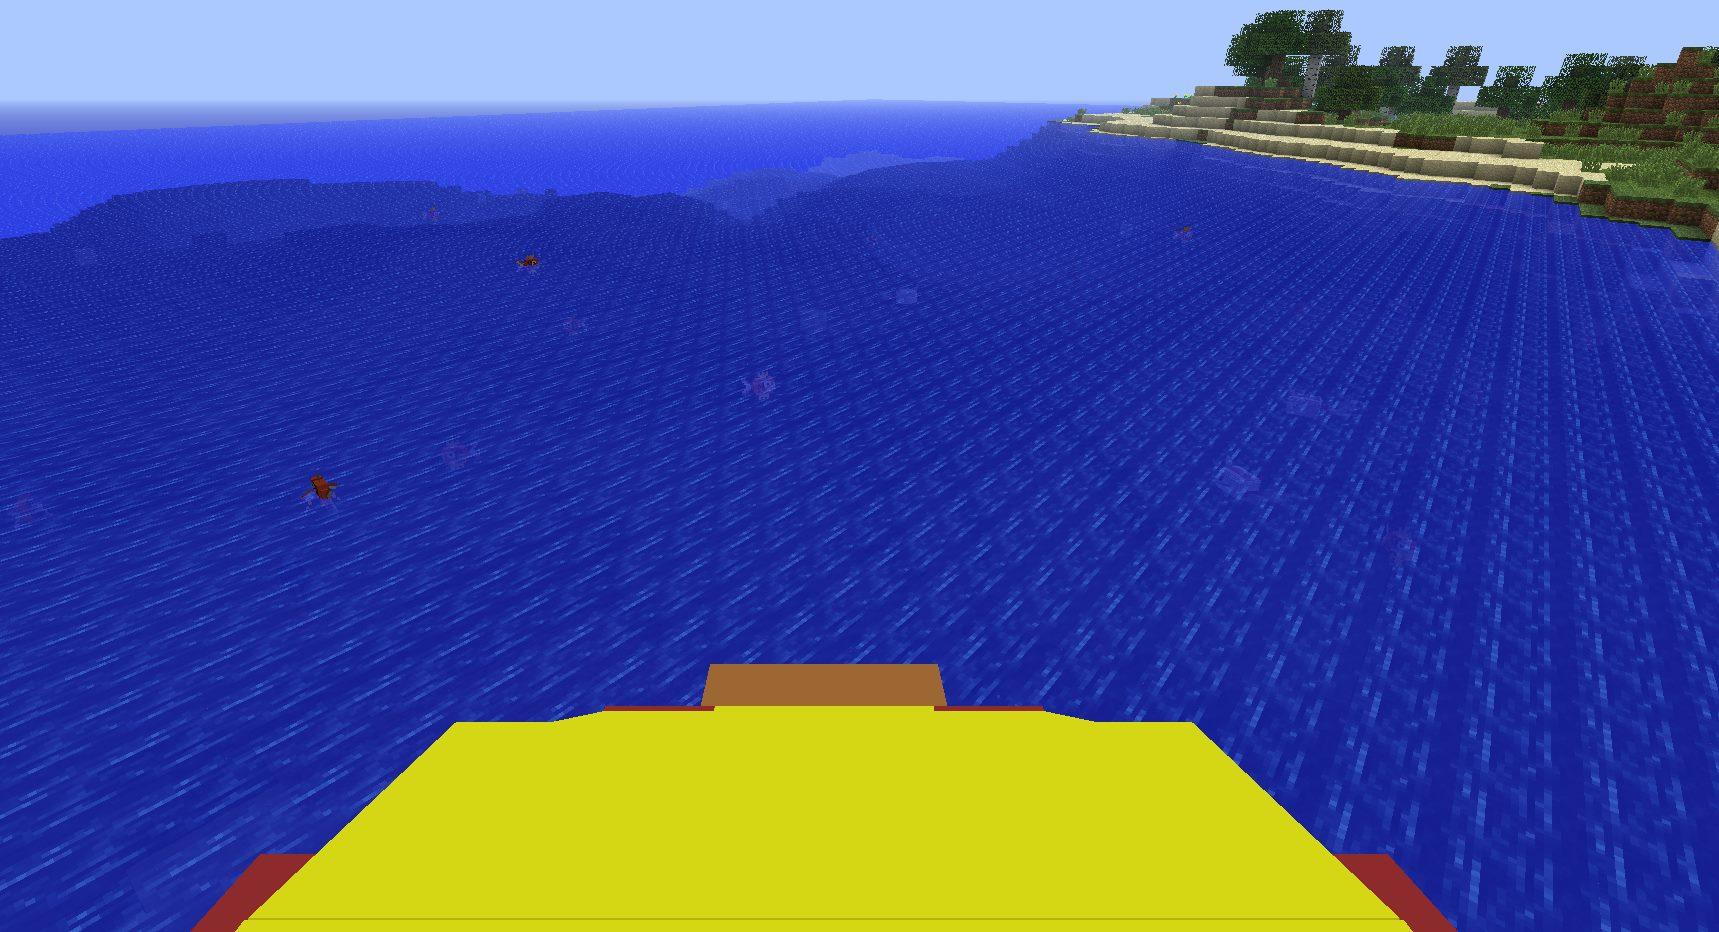 http://minecraft-forum.net/wp-content/uploads/2015/04/e1c6d__Pixelmon-Mod-6.jpg